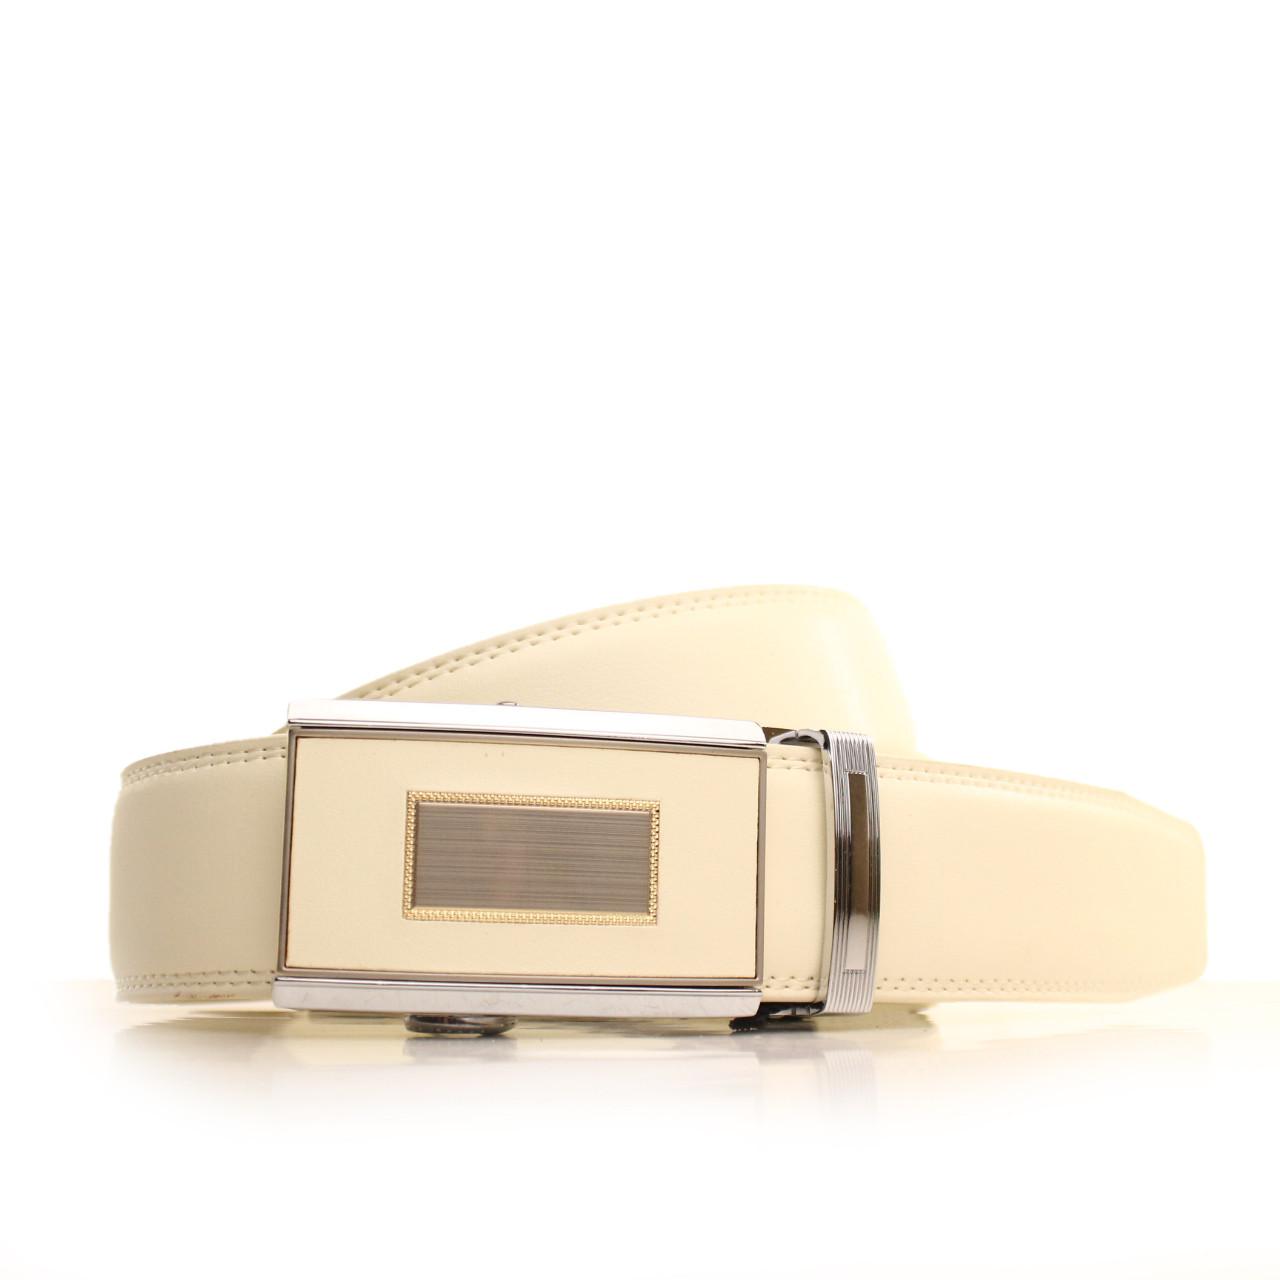 Ремень кожаный Alon 105-115 см китай l35a1a21